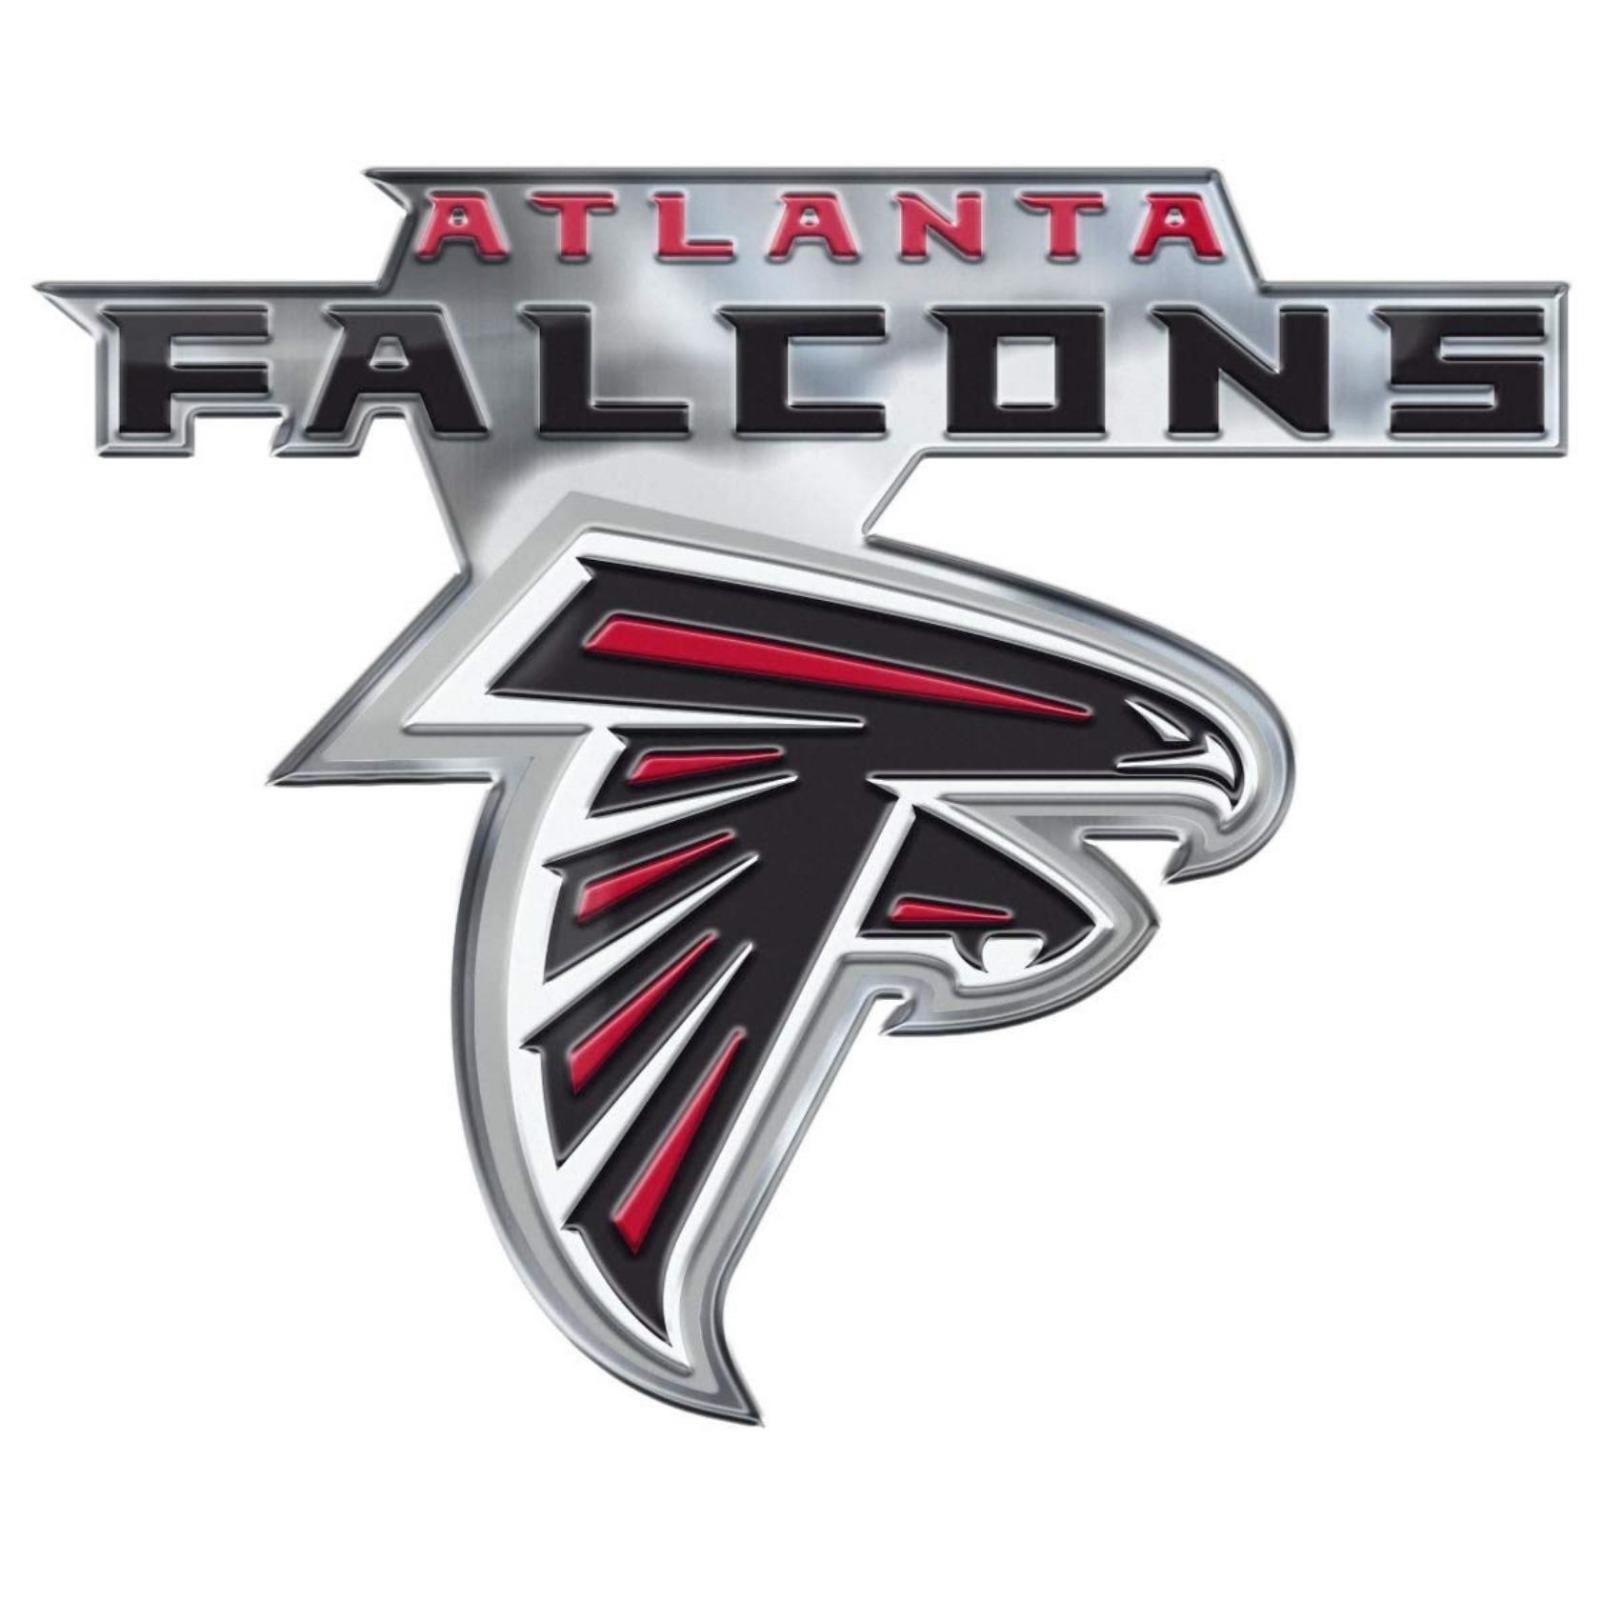 Details about Atlanta Falcons CE4 Alternative Logo Color Auto Emblem Chrome  Decal Football.